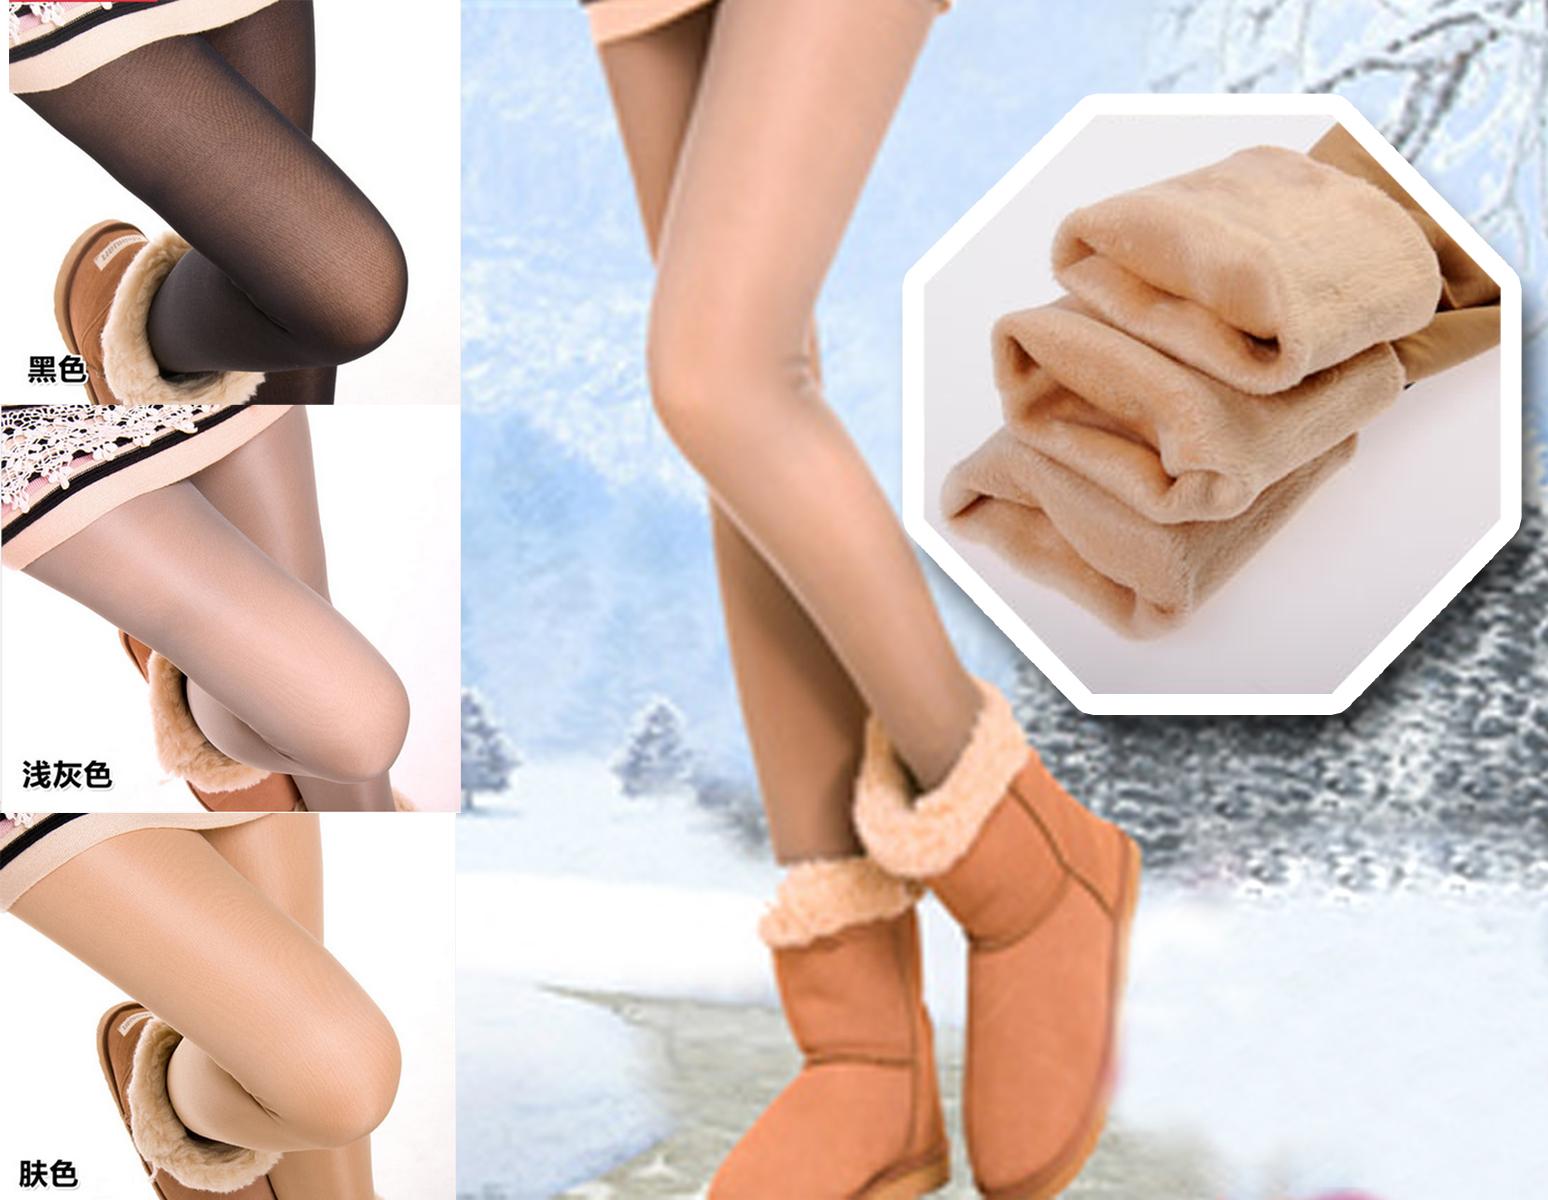 ประมาณ2สัปดาห์ สินค้าเข้า!! เลกกิ้งถุงน่องกันหนาว รุ่น ตัว T ขาเหยียบ กันหนาวได้สูงสุด 0 ถึง -5 องศา